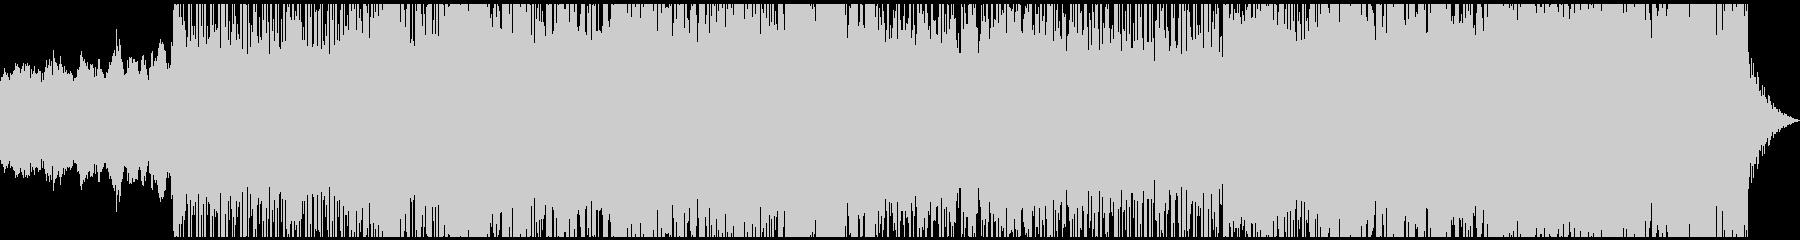 ミッドテンポのエレクトロビートとデ...の未再生の波形